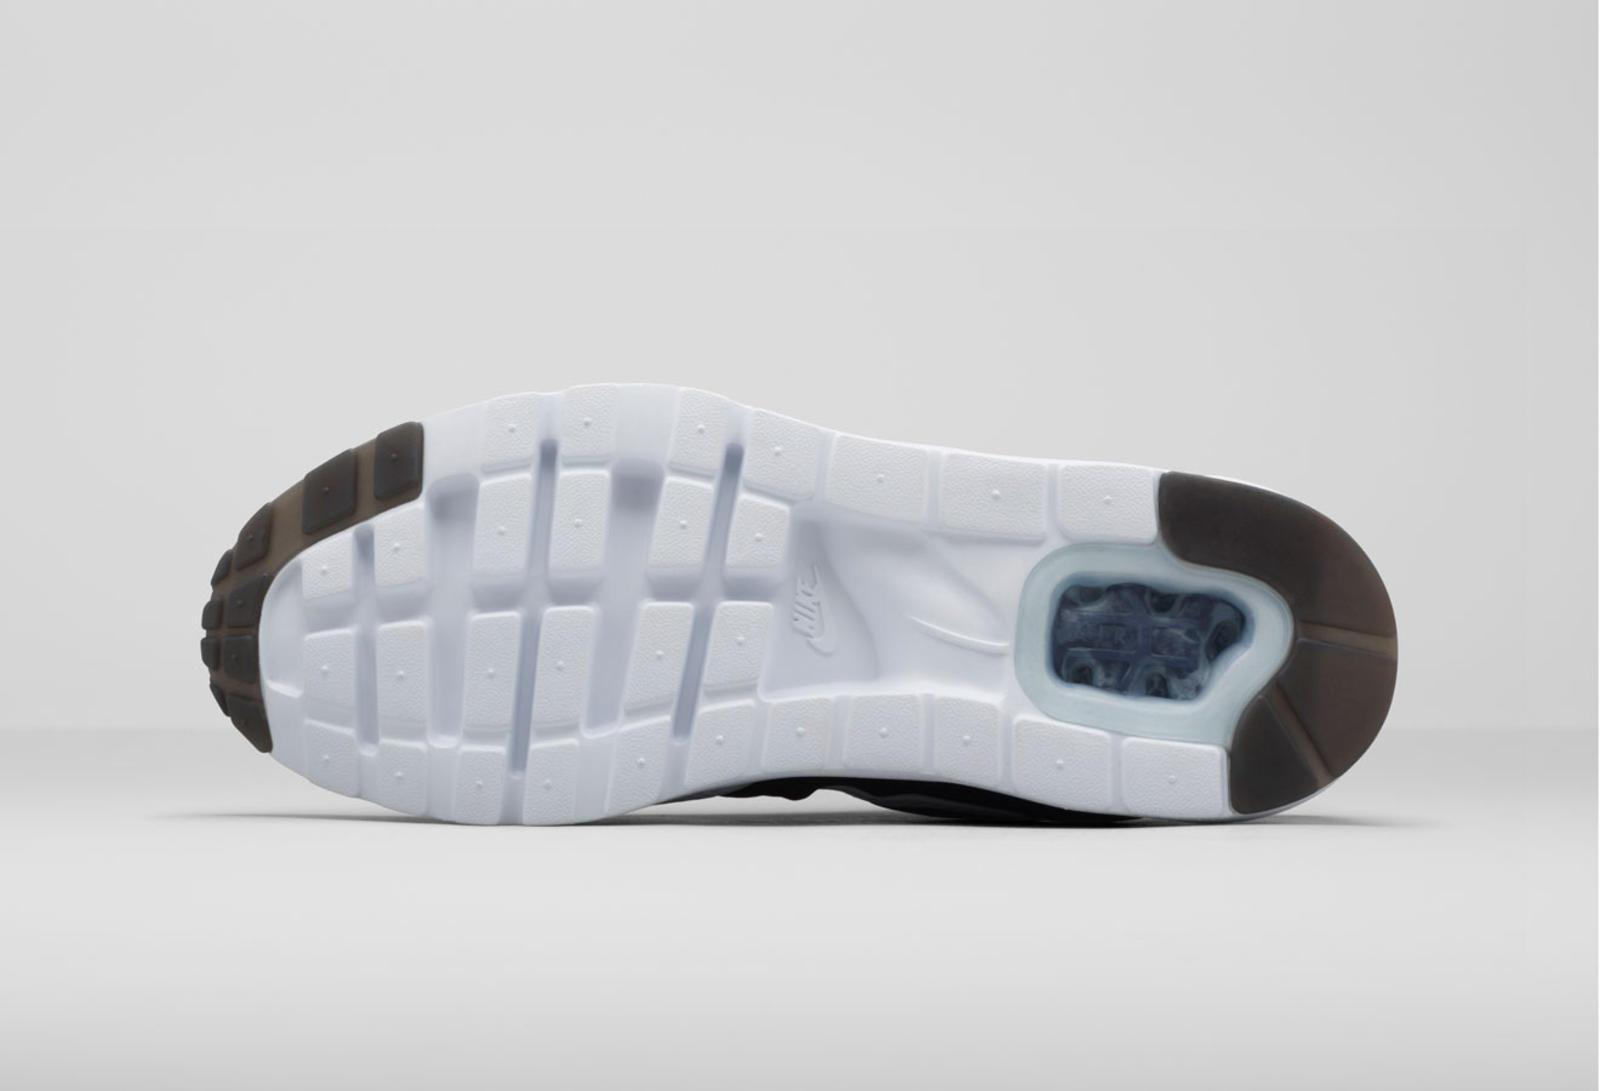 air jordan foot locker - Nike-Air-Max-1-Ultra-Moire-outsolle.jpg